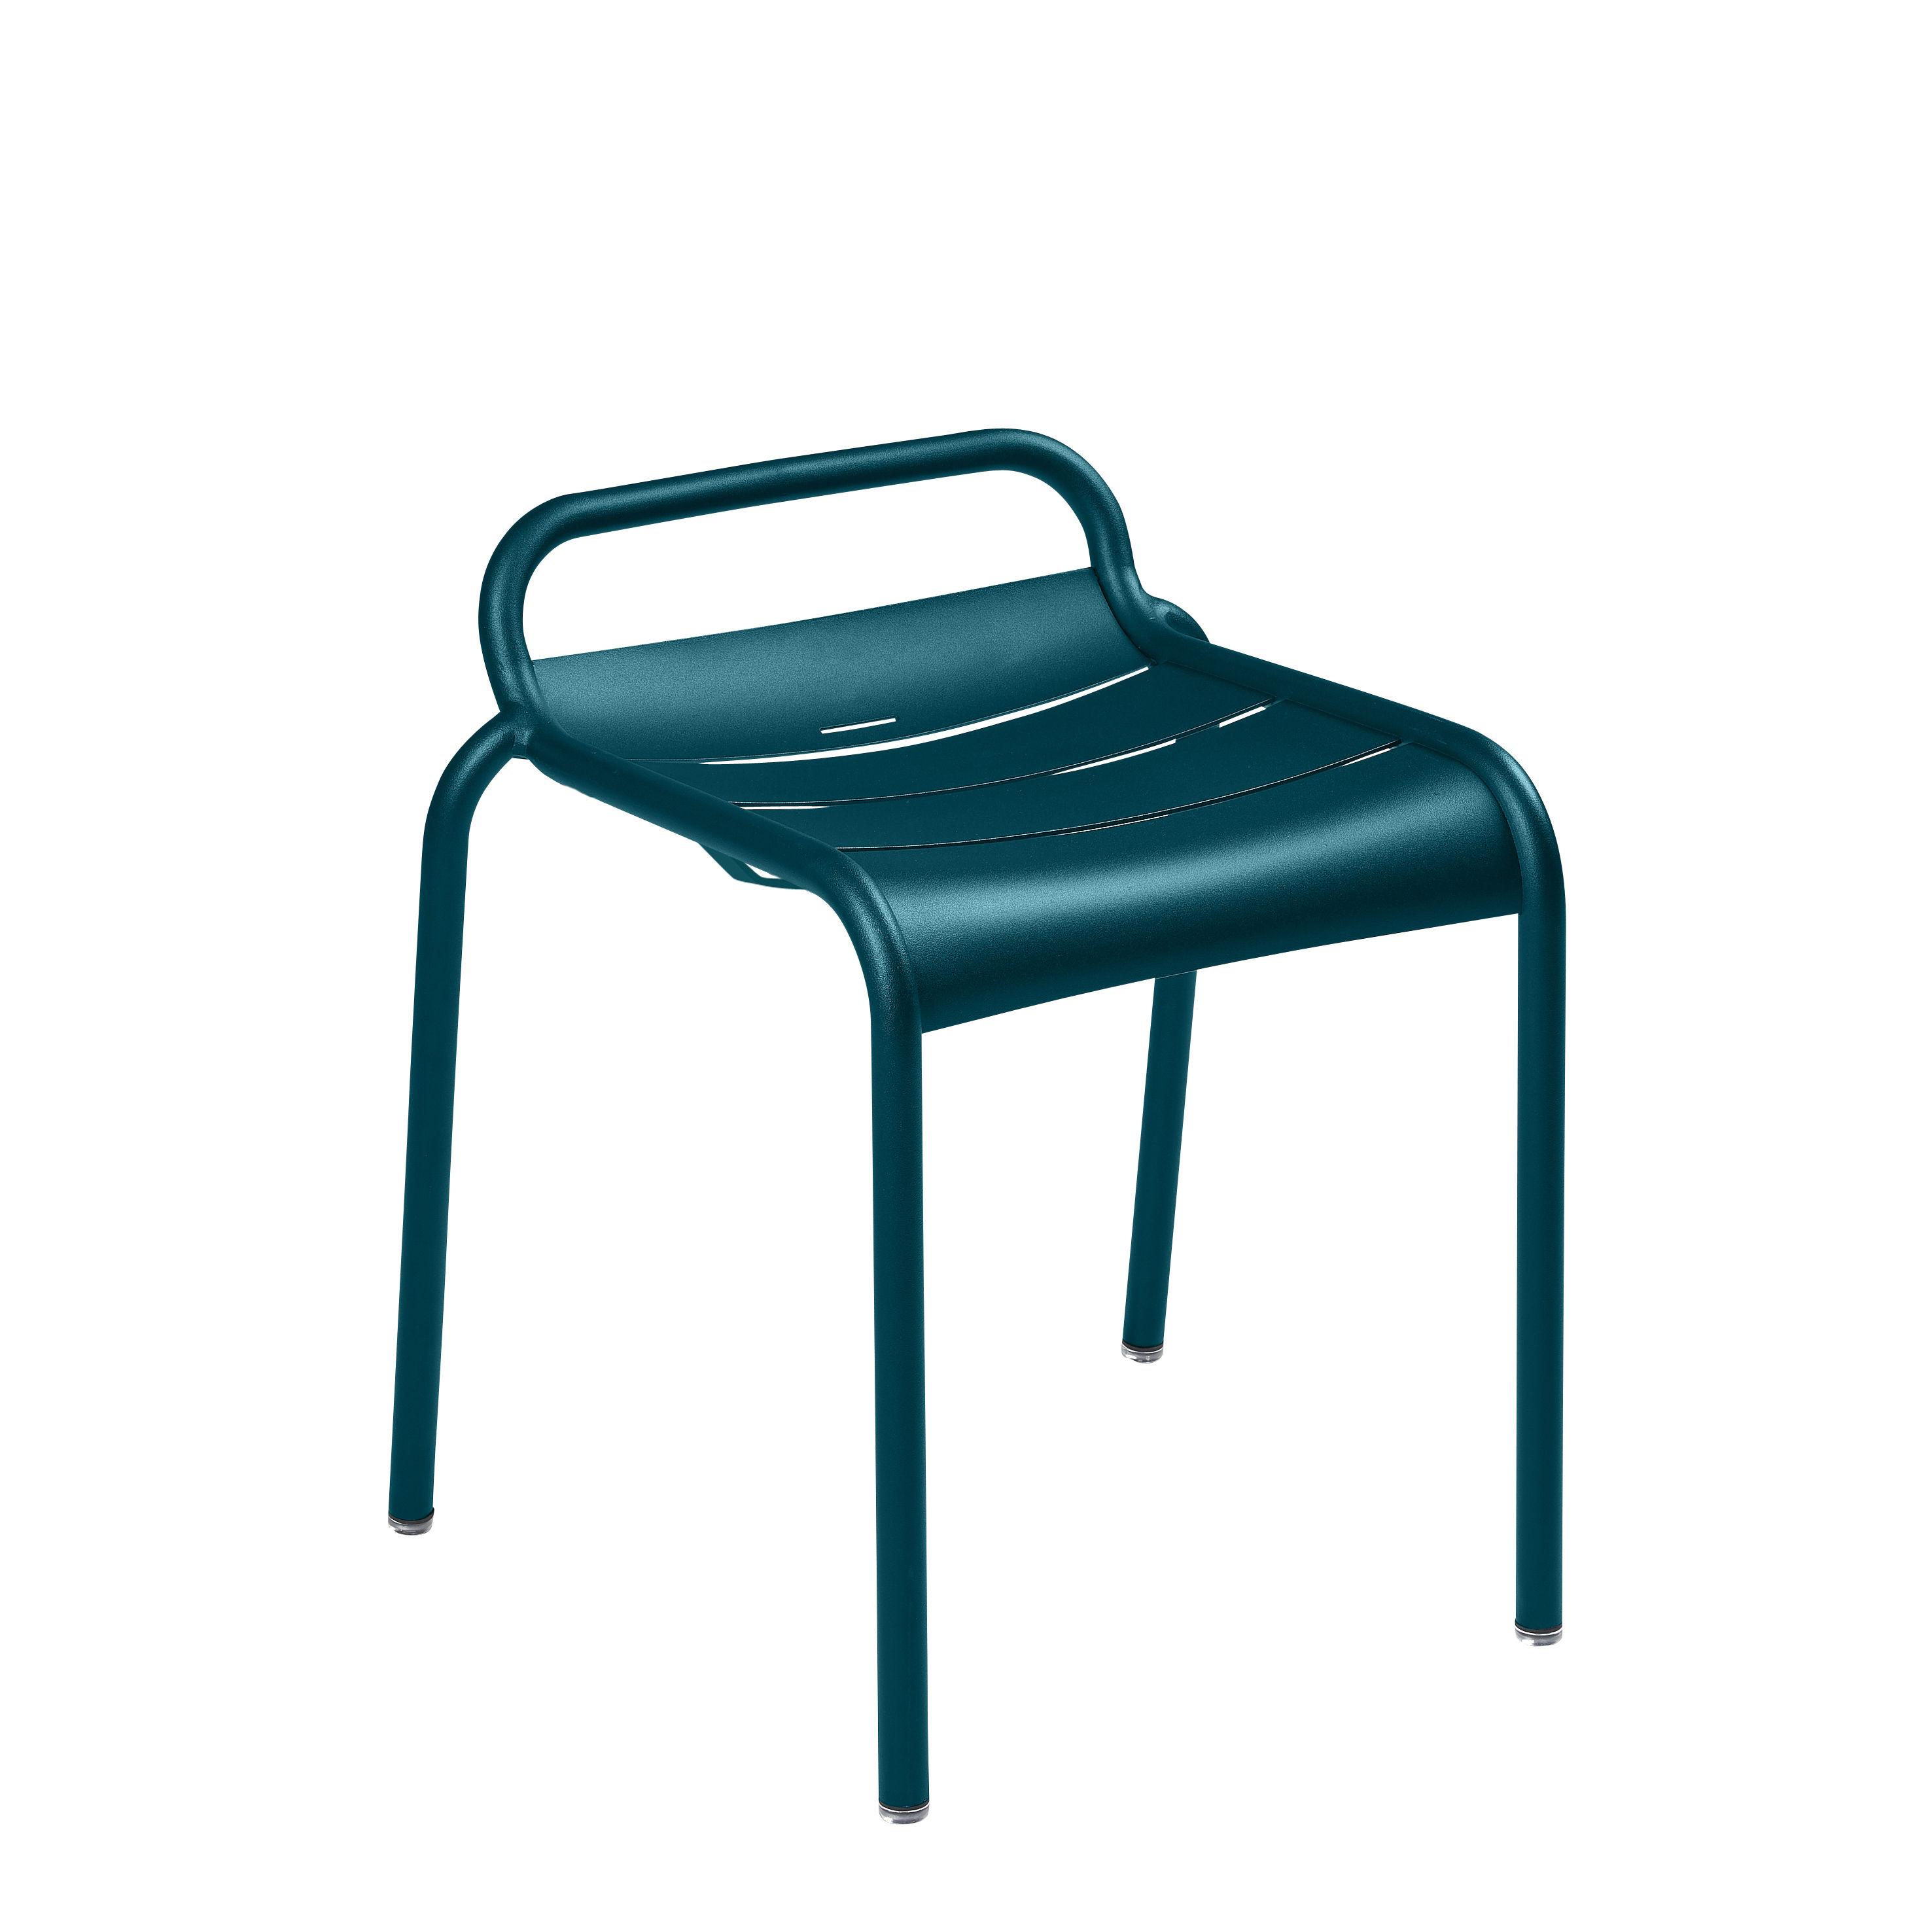 Möbel - Hocker - Luxembourg Stappelbarer Hocker / Aluminium - Fermob - Acapulcoblau - bemaltes Aluminium